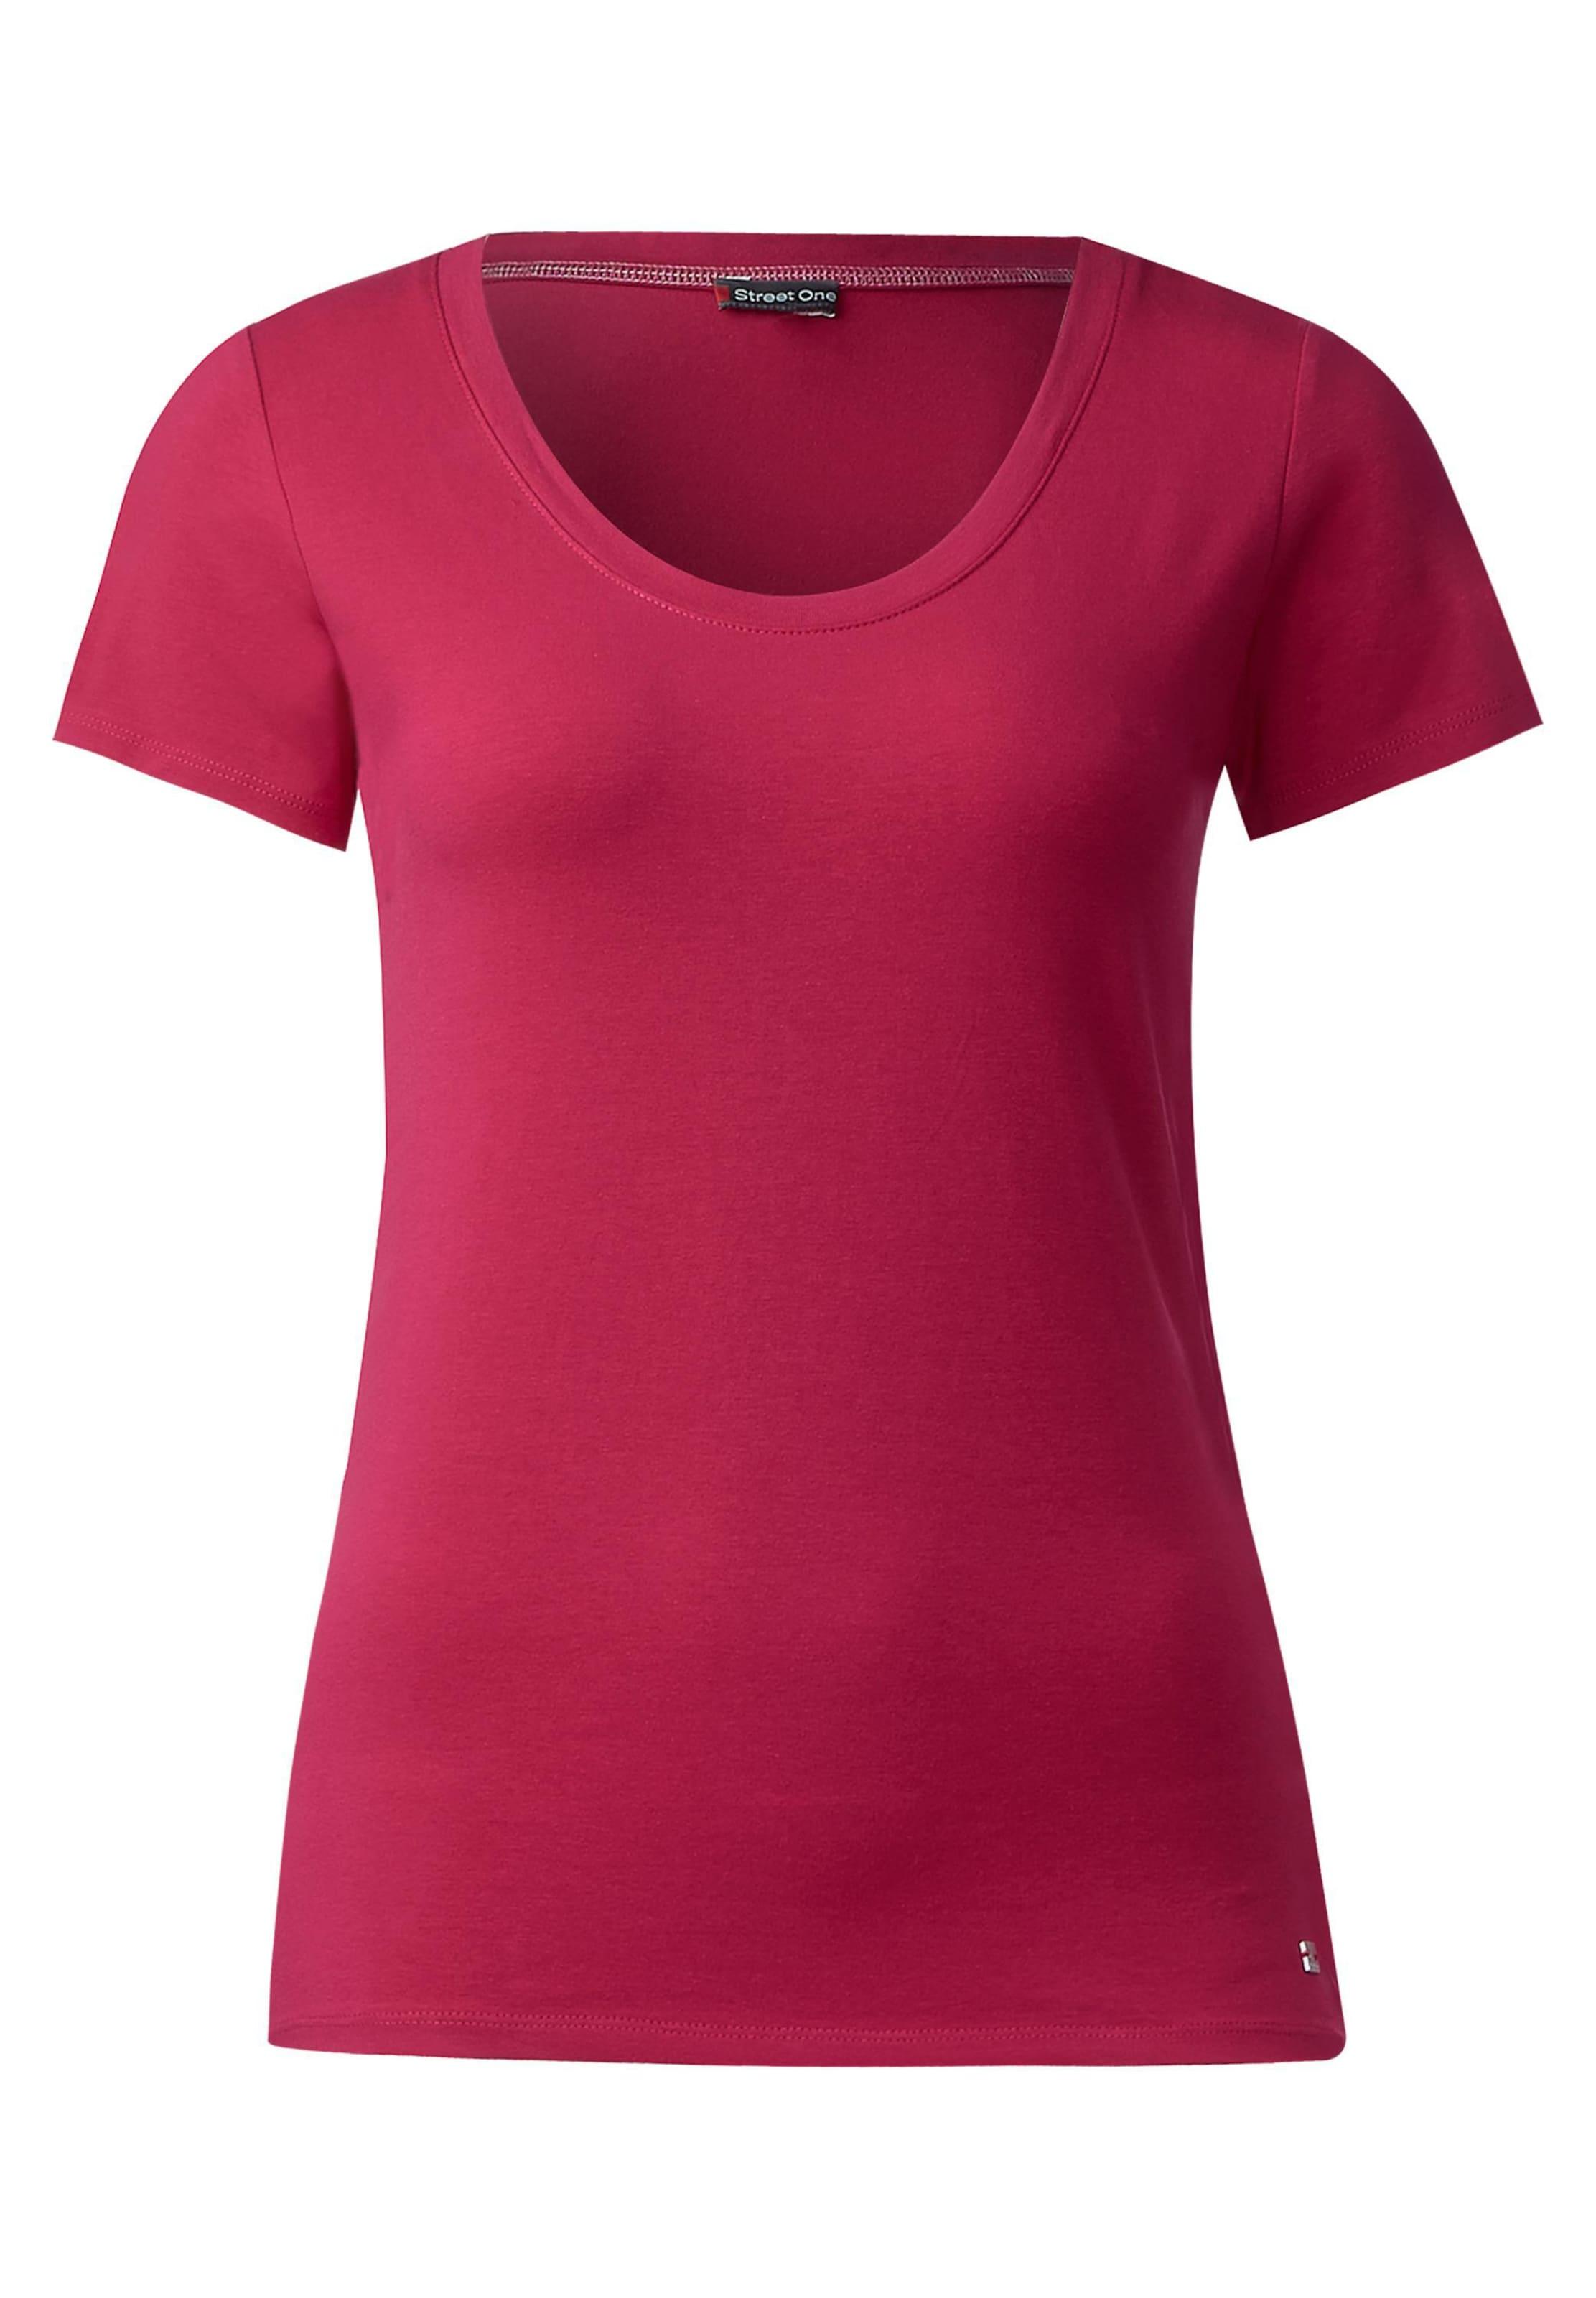 STREET ONE Basic Rundhalsshirt 'Plia' Billig Verkauf Echten Strapazierfähiges Outlet Mode-Stil Geniue Händler Günstig Online Günstig Kaufen Echt nMpe8